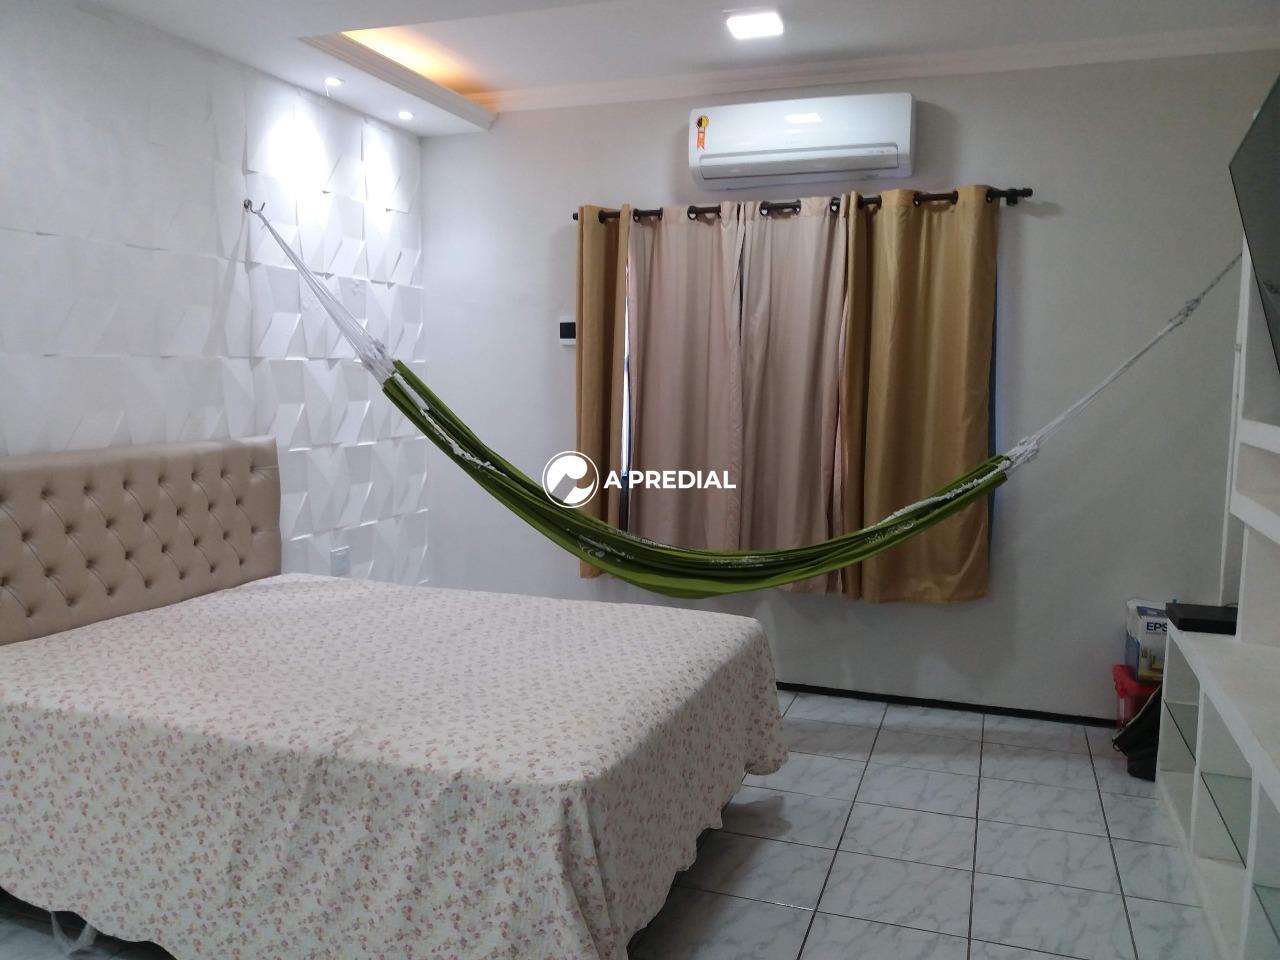 Casa para aluguel no Maraponga: quarto Casa Maraponga